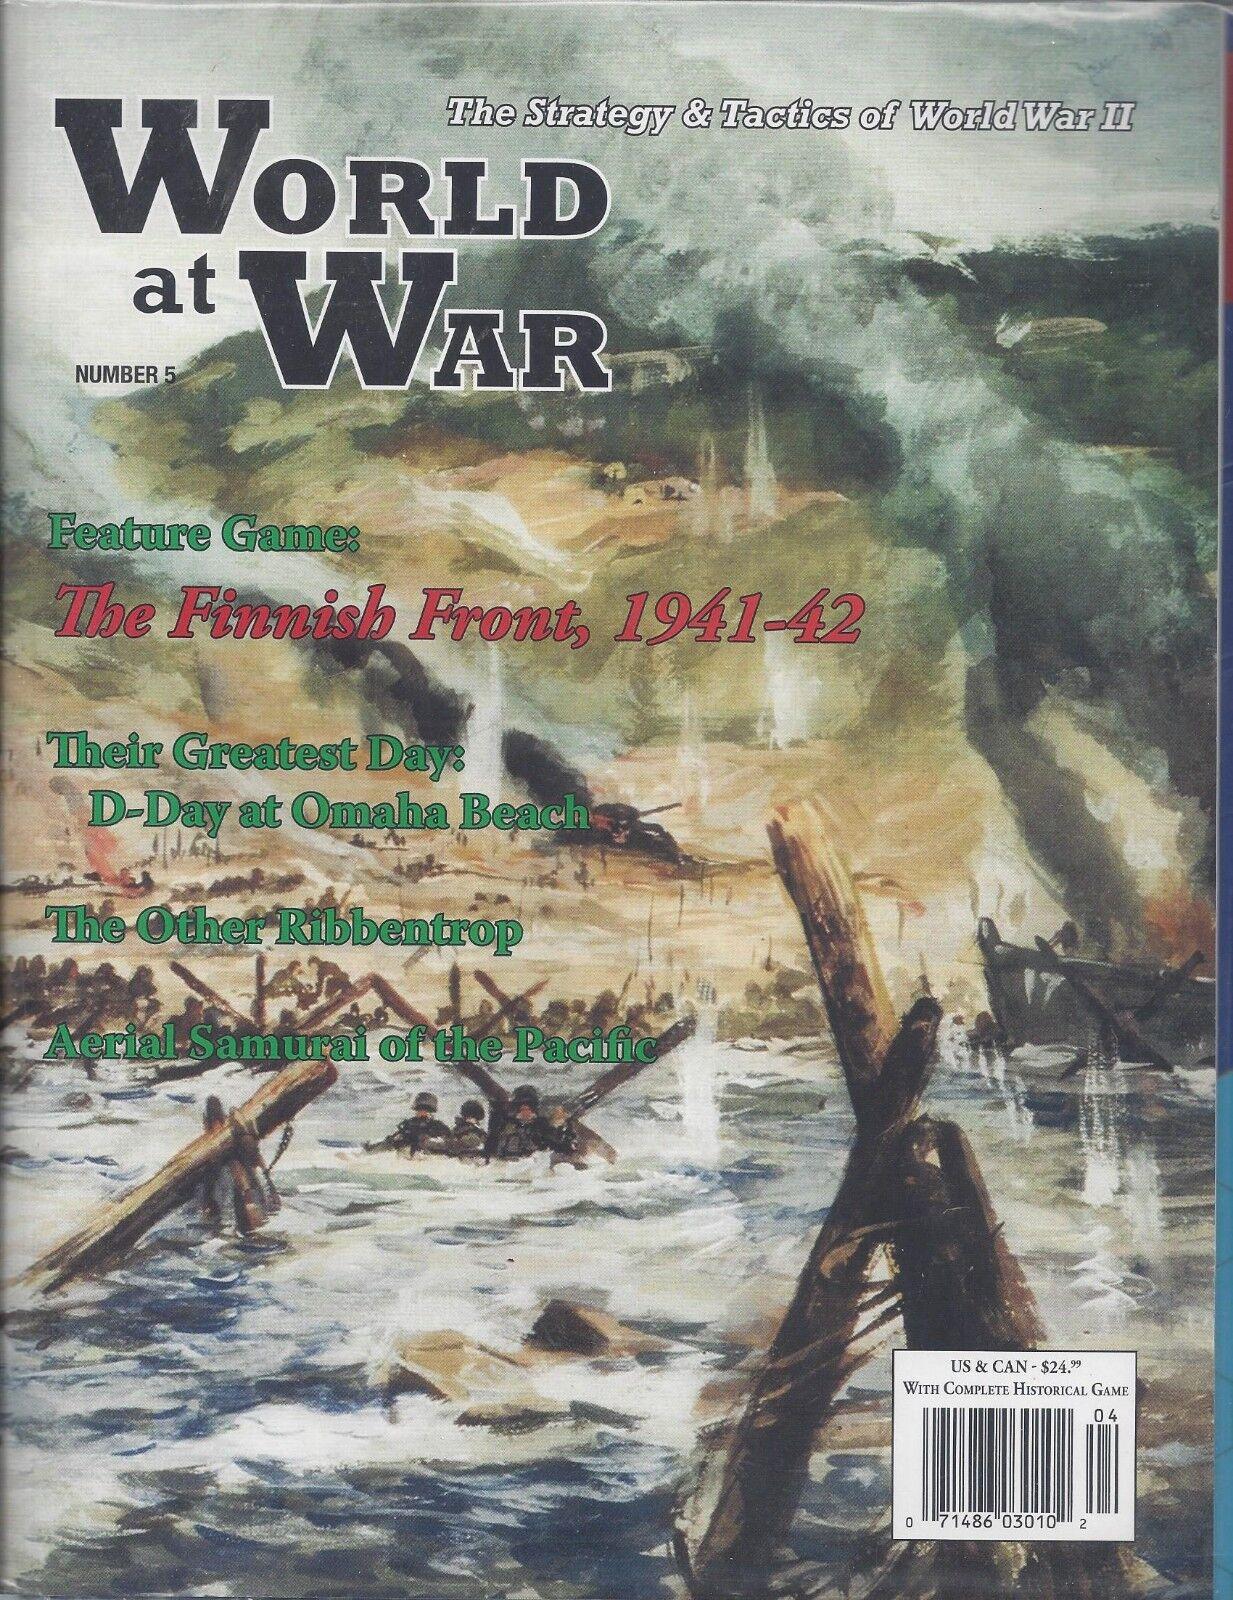 Krieg - magazin   5 neue finnische front, 1941-1942